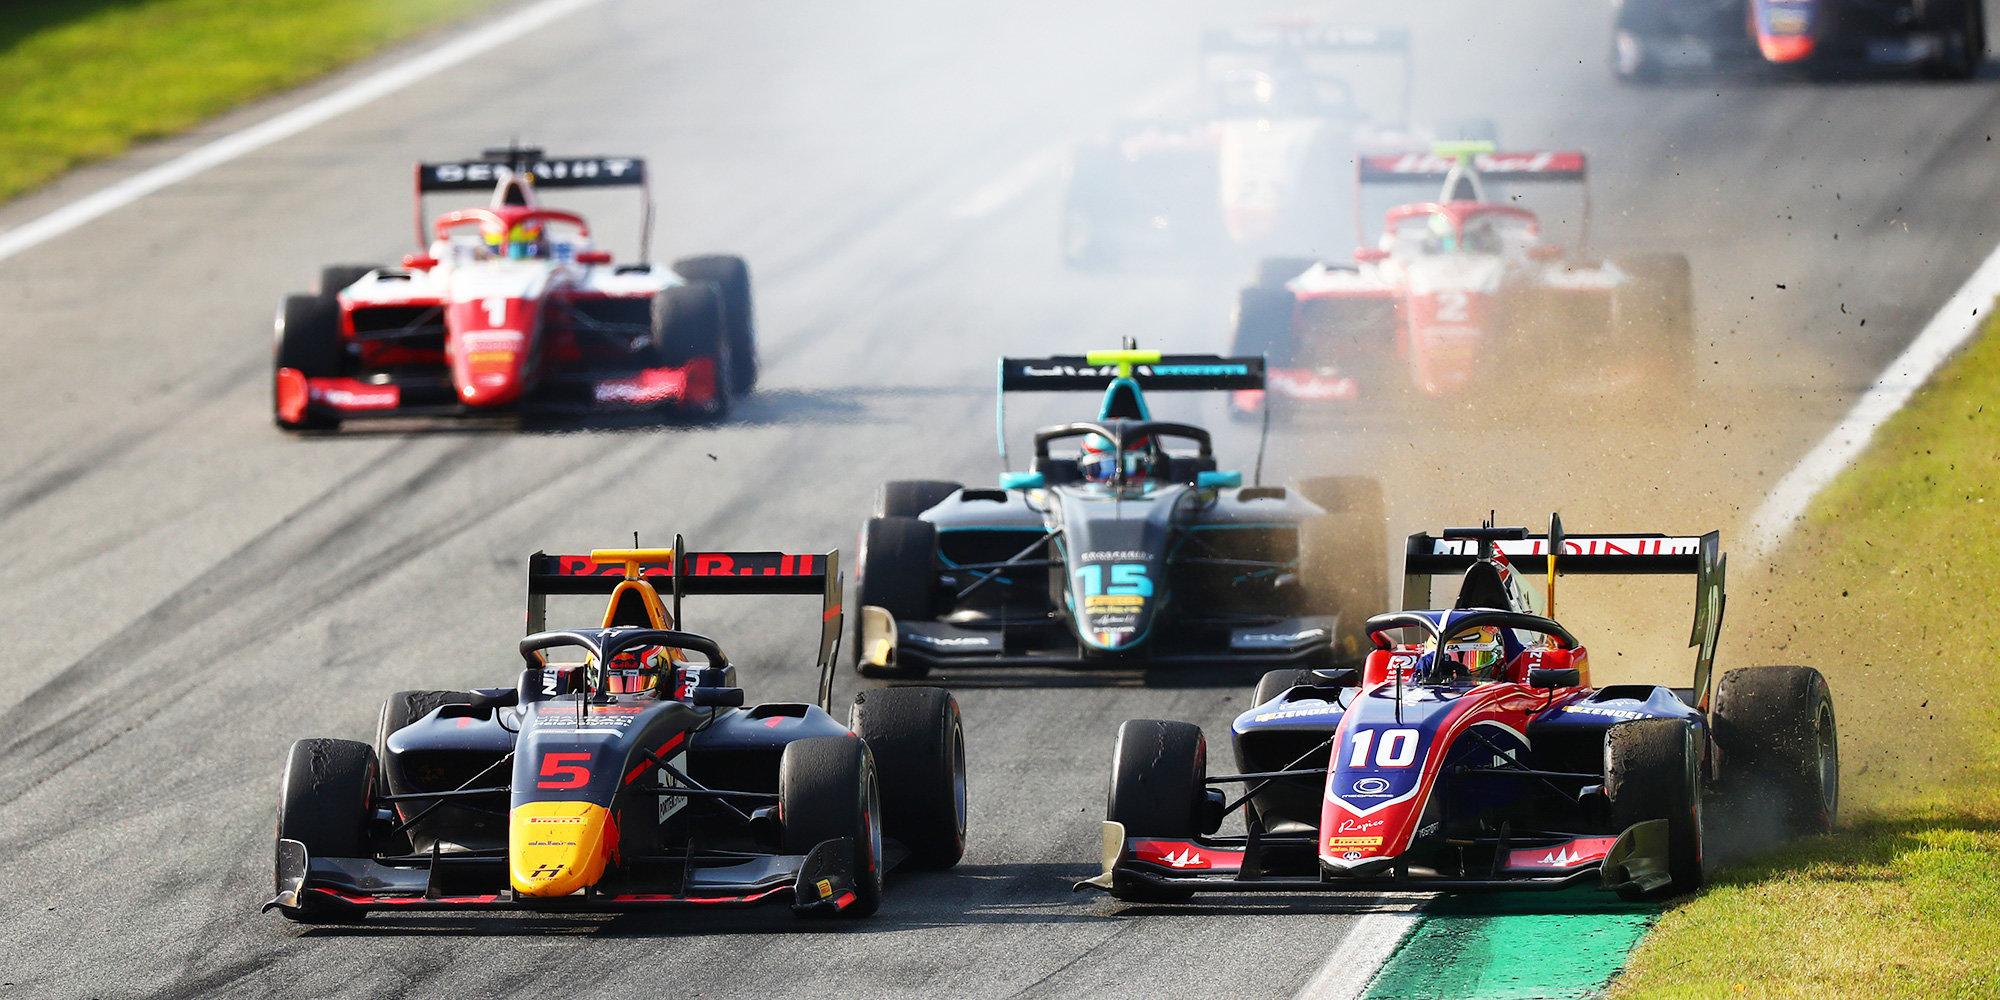 Хаугер выиграл первую гонку «Формулы-3» в Австрии, Смоляр замкнул топ-10